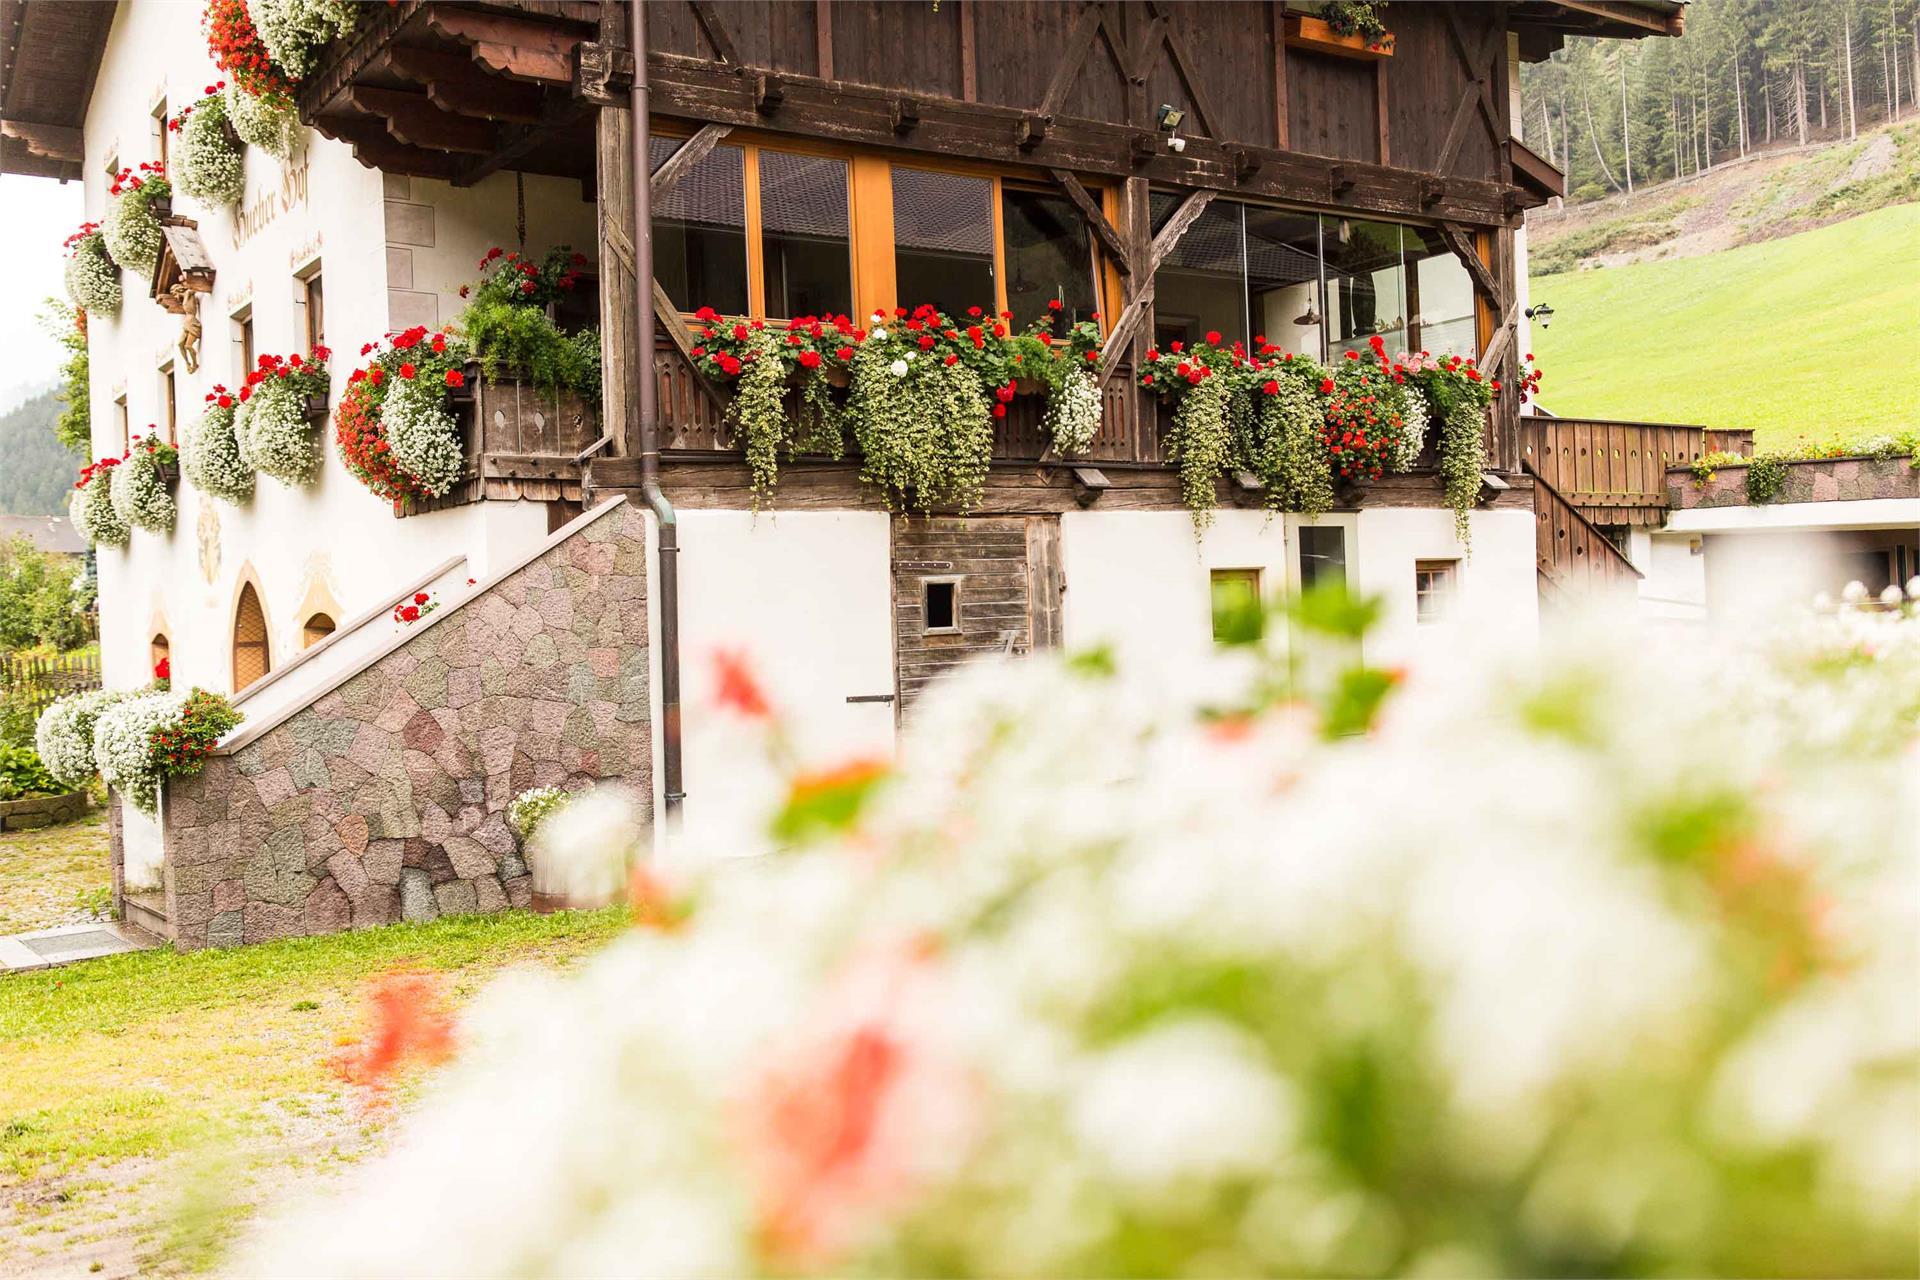 Hueberhof - summer